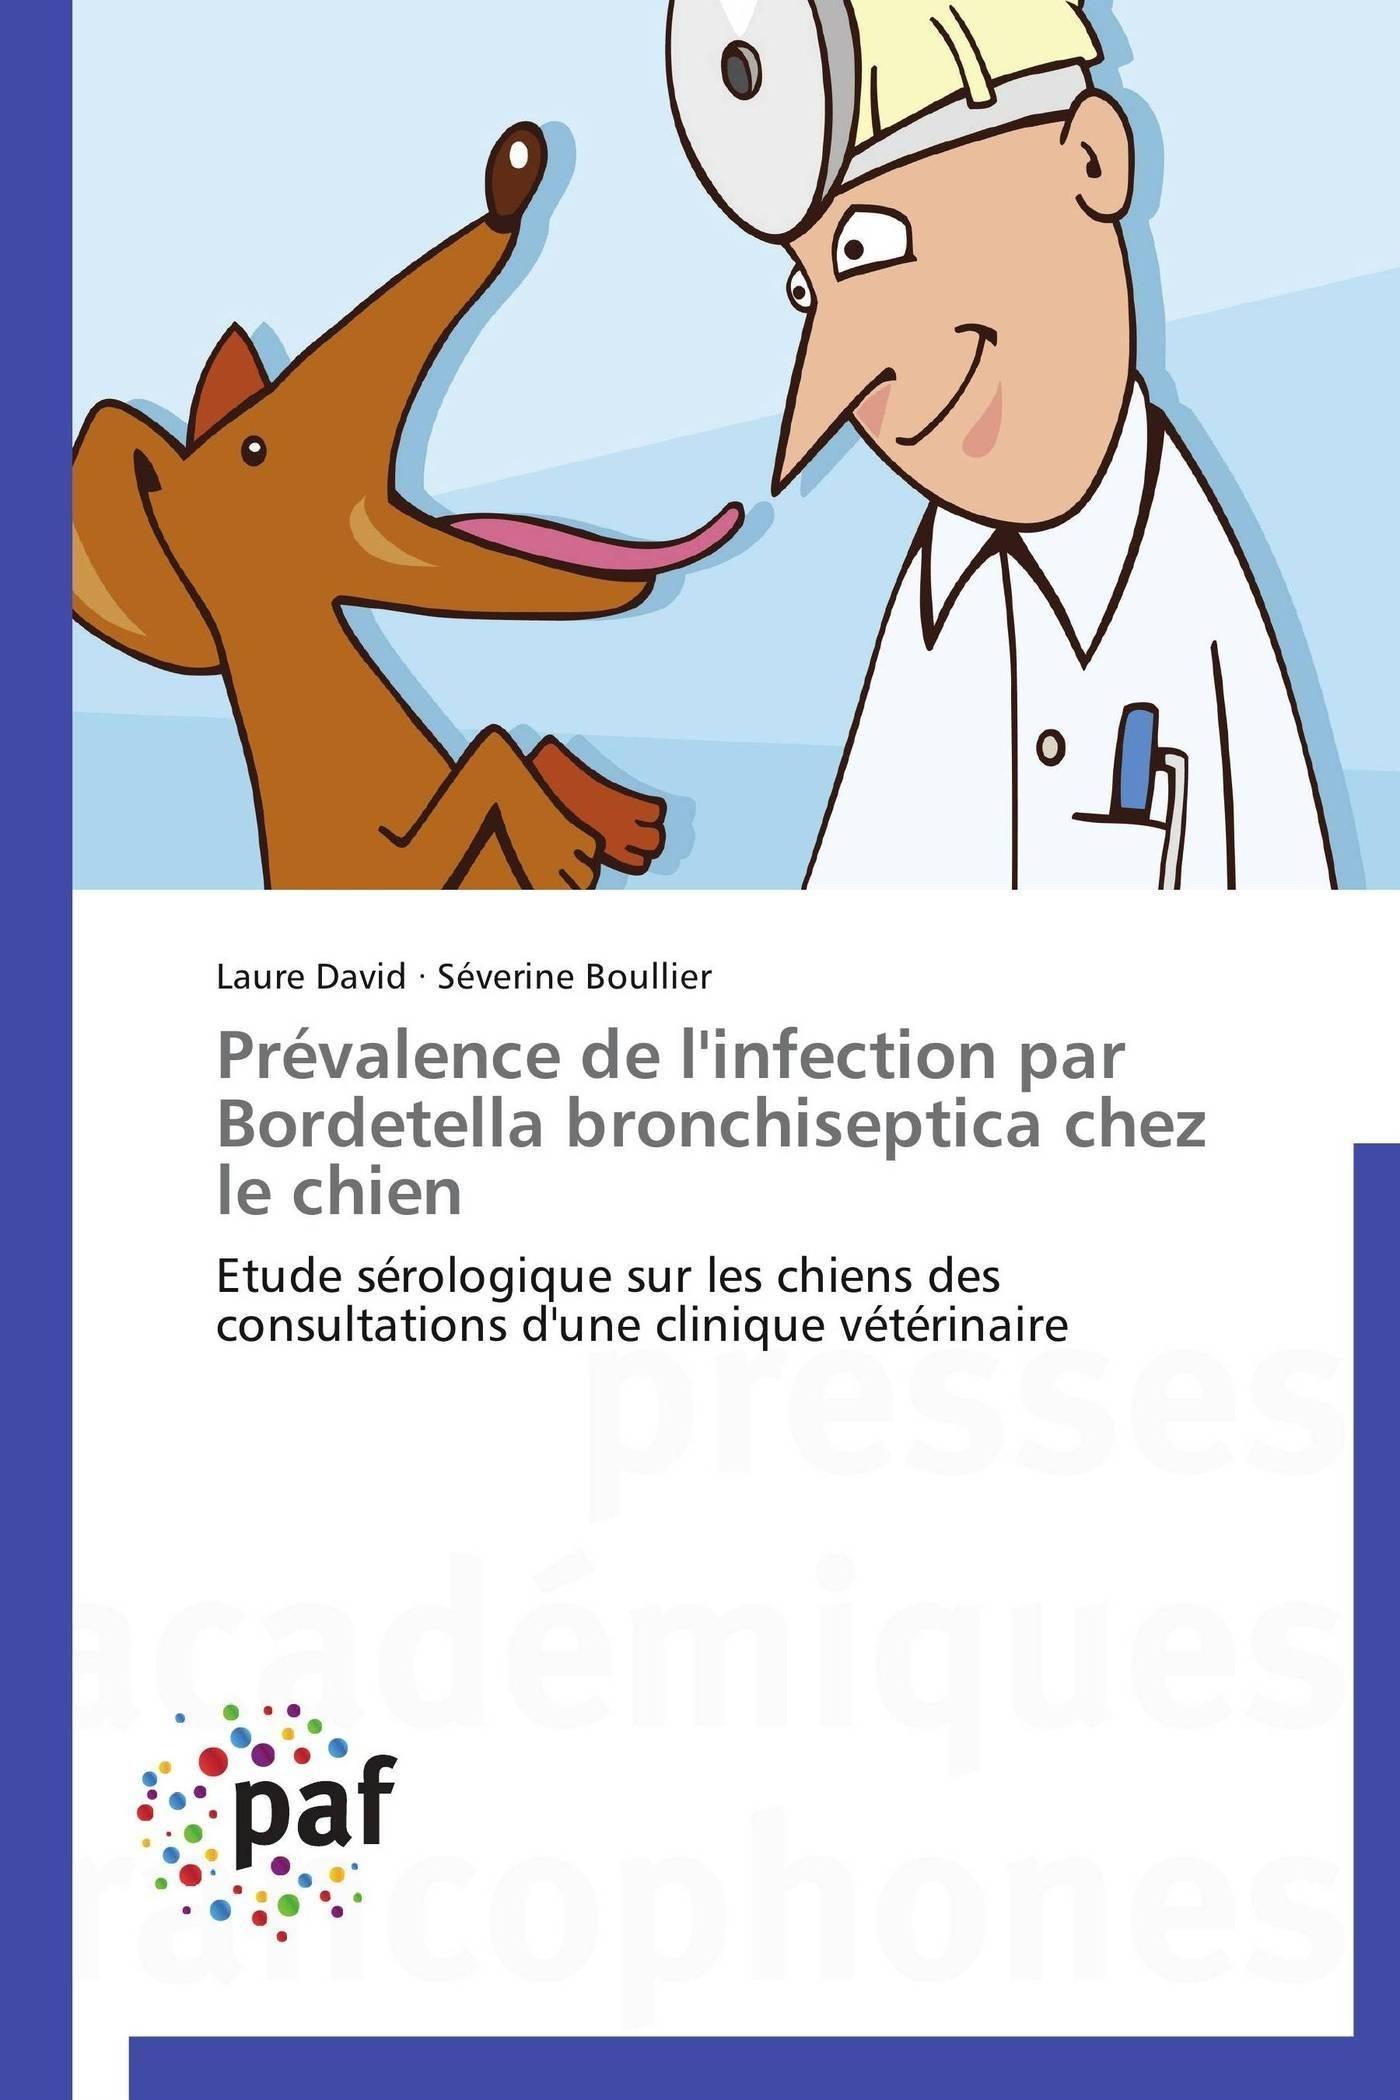 PREVALENCE DE L'INFECTION PAR BORDETELLA BRONCHISEPTICA CHEZ LE CHIEN